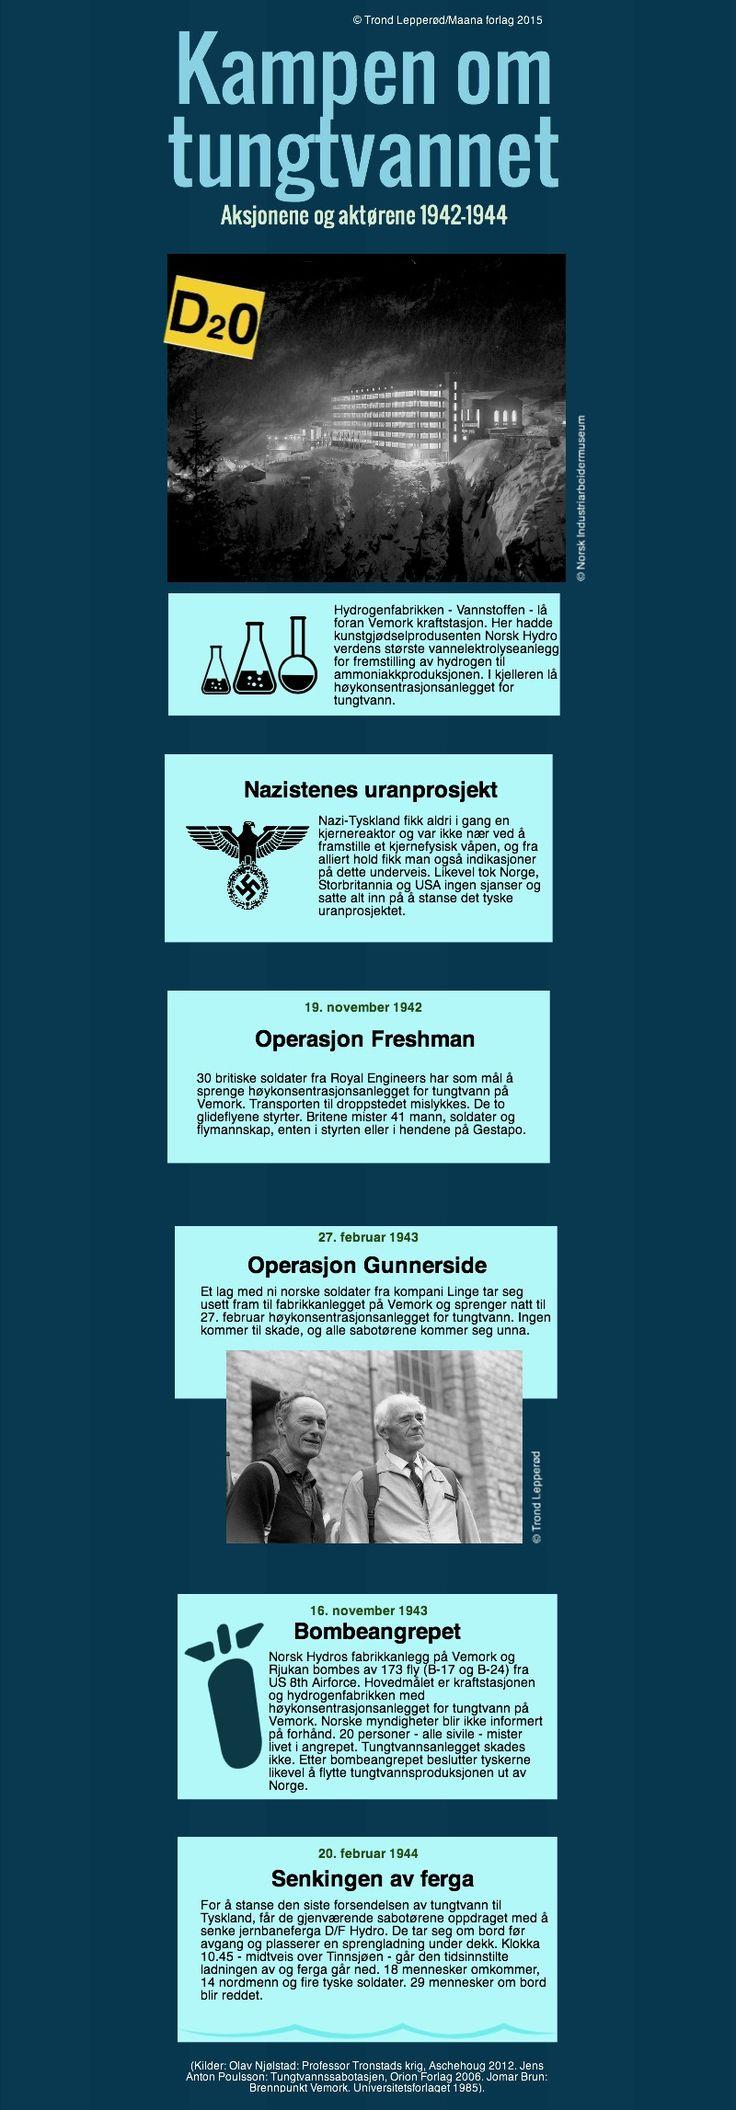 Kampen om tungtvannet | Piktochart Infographic Editor